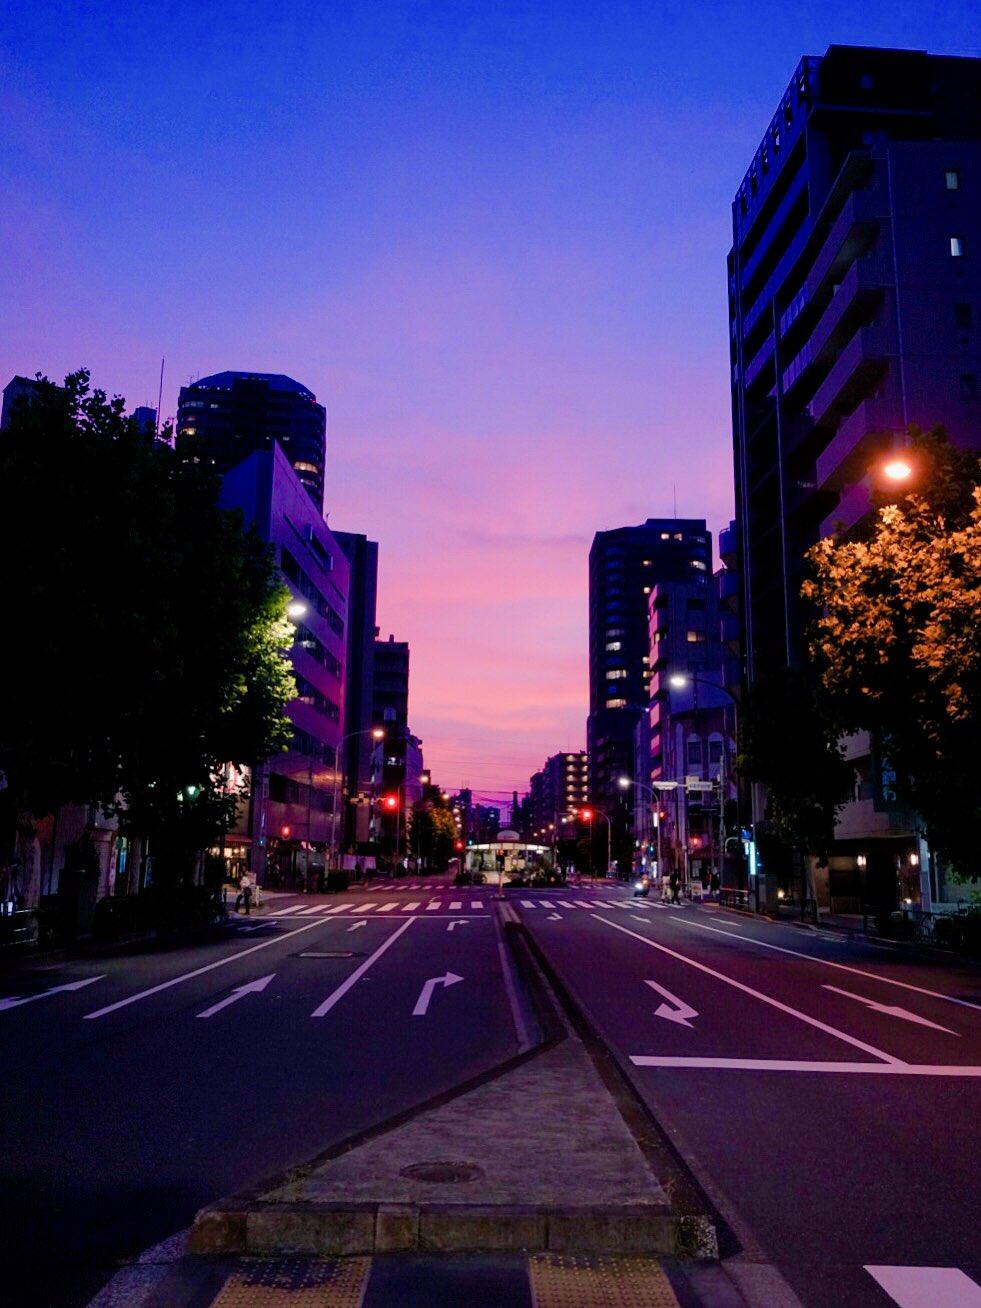 新宿、よく焼けてた。 https://t.co/llLEYzqiwv